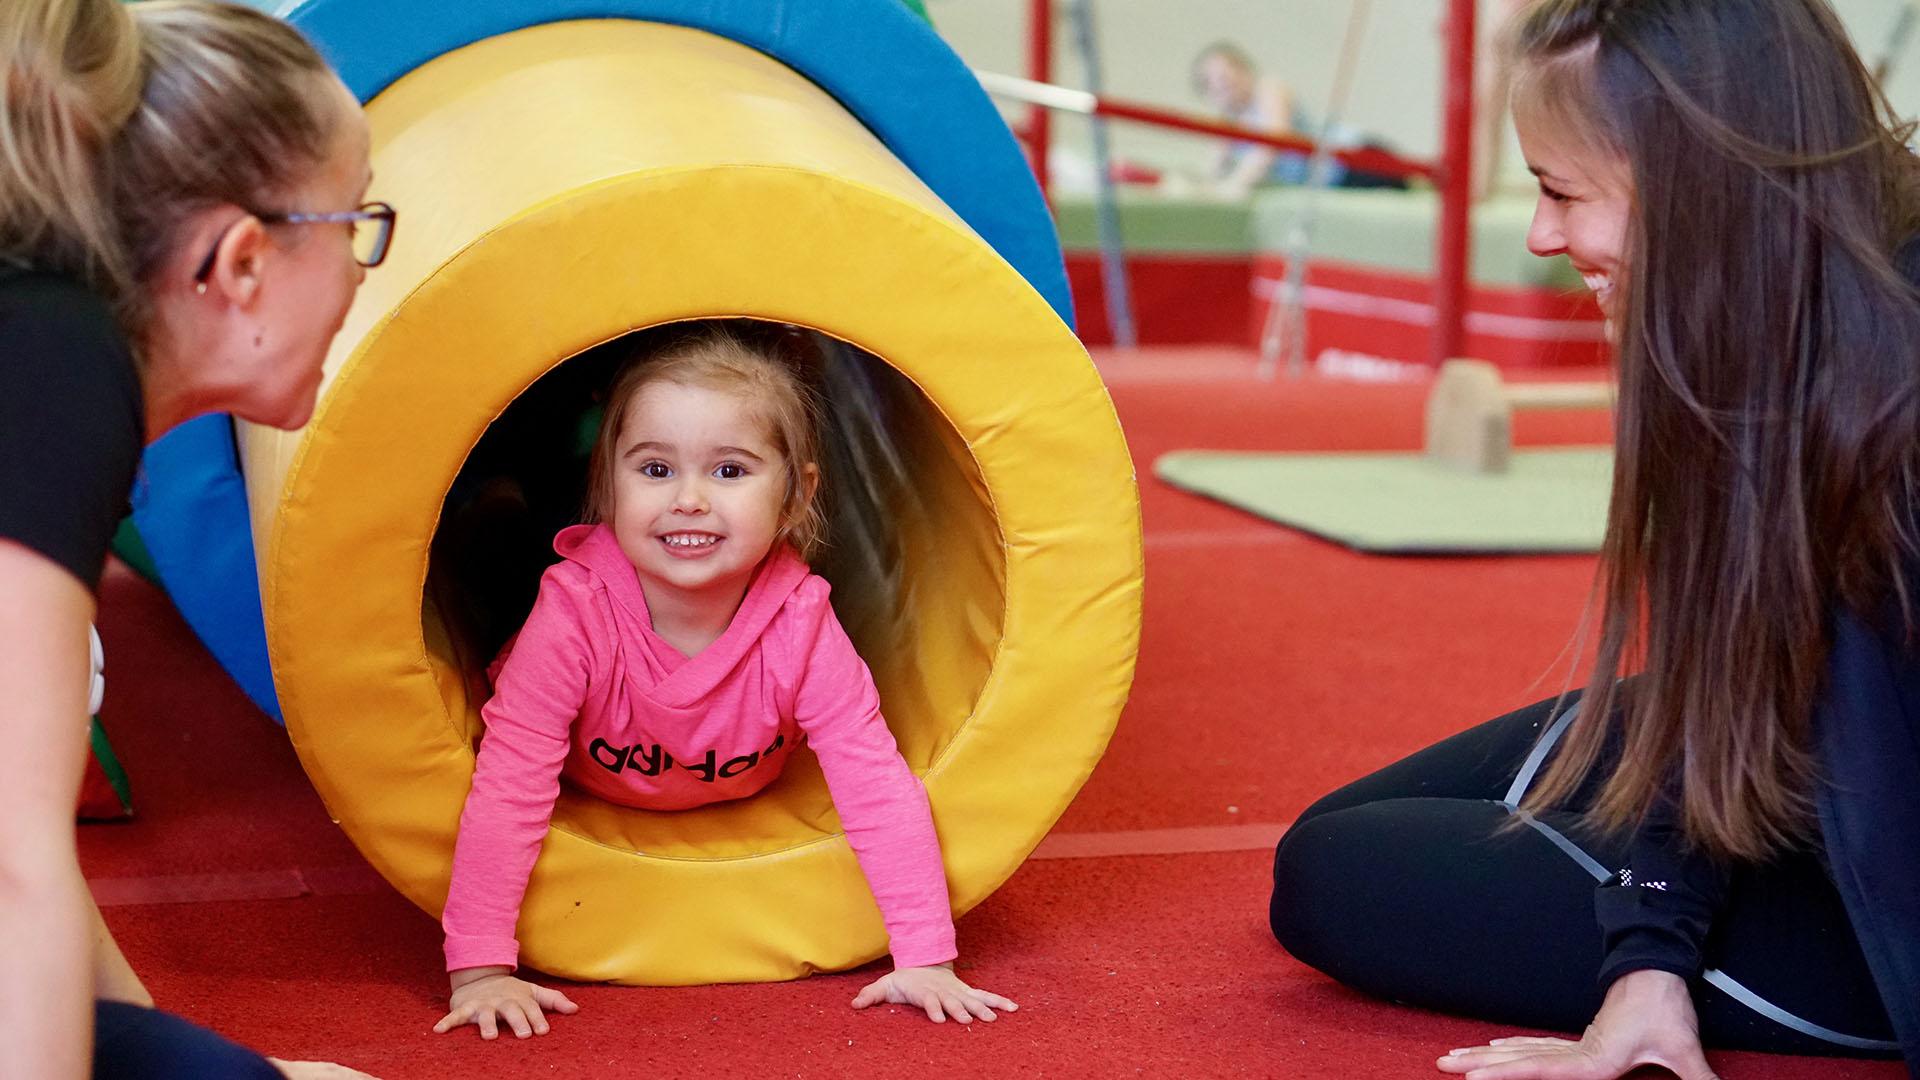 hopla-competitif-gymnastique-cours-entrainement-recreatif-cirque-adulte